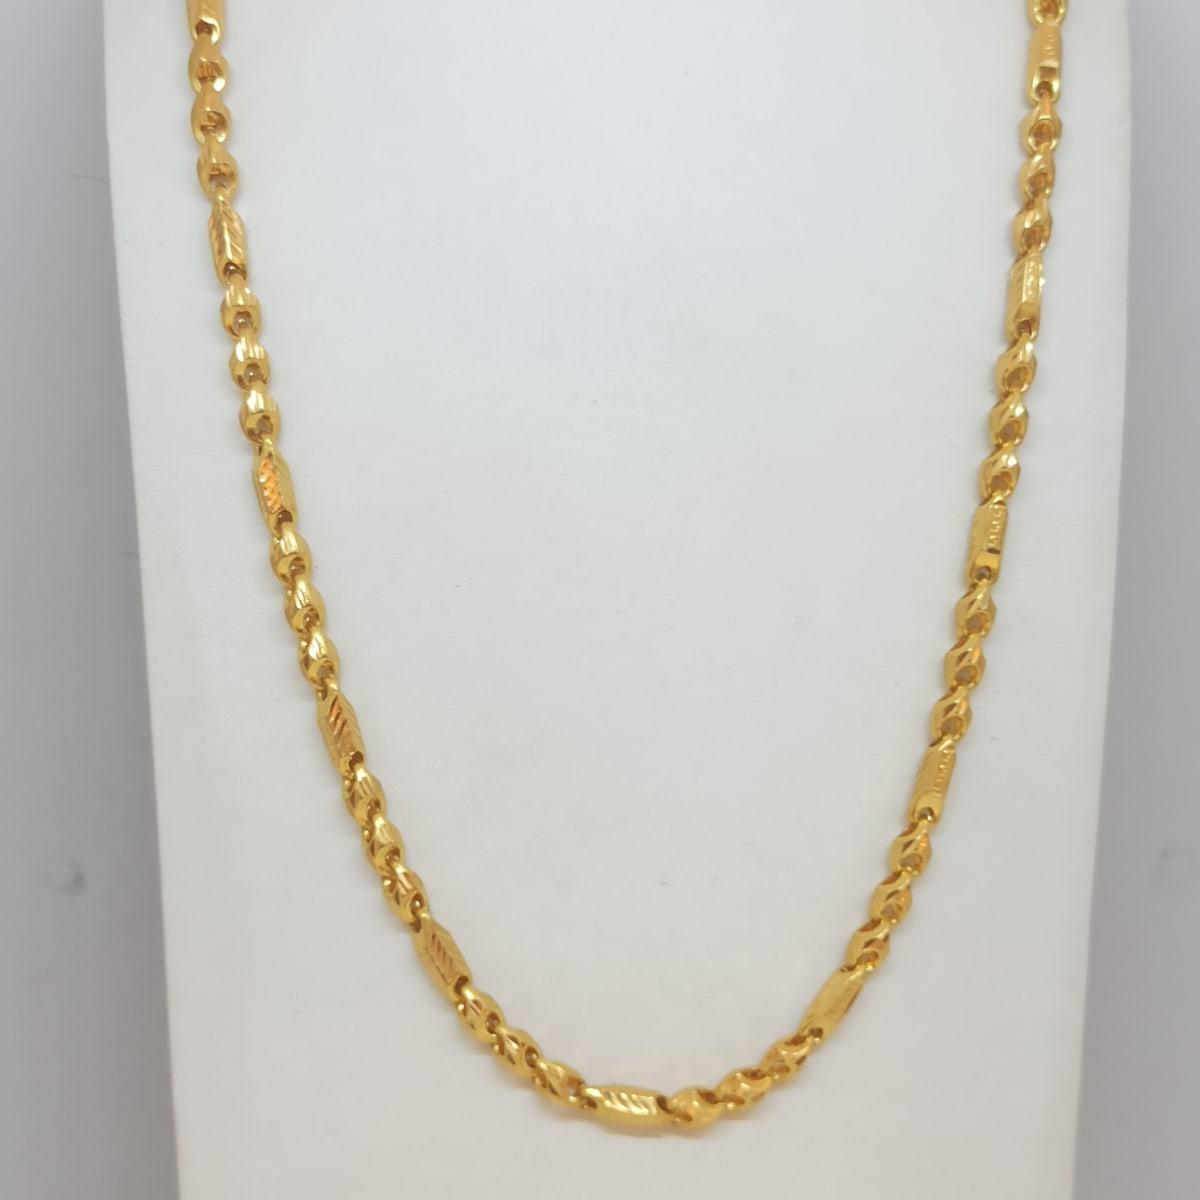 Bahubali Chain